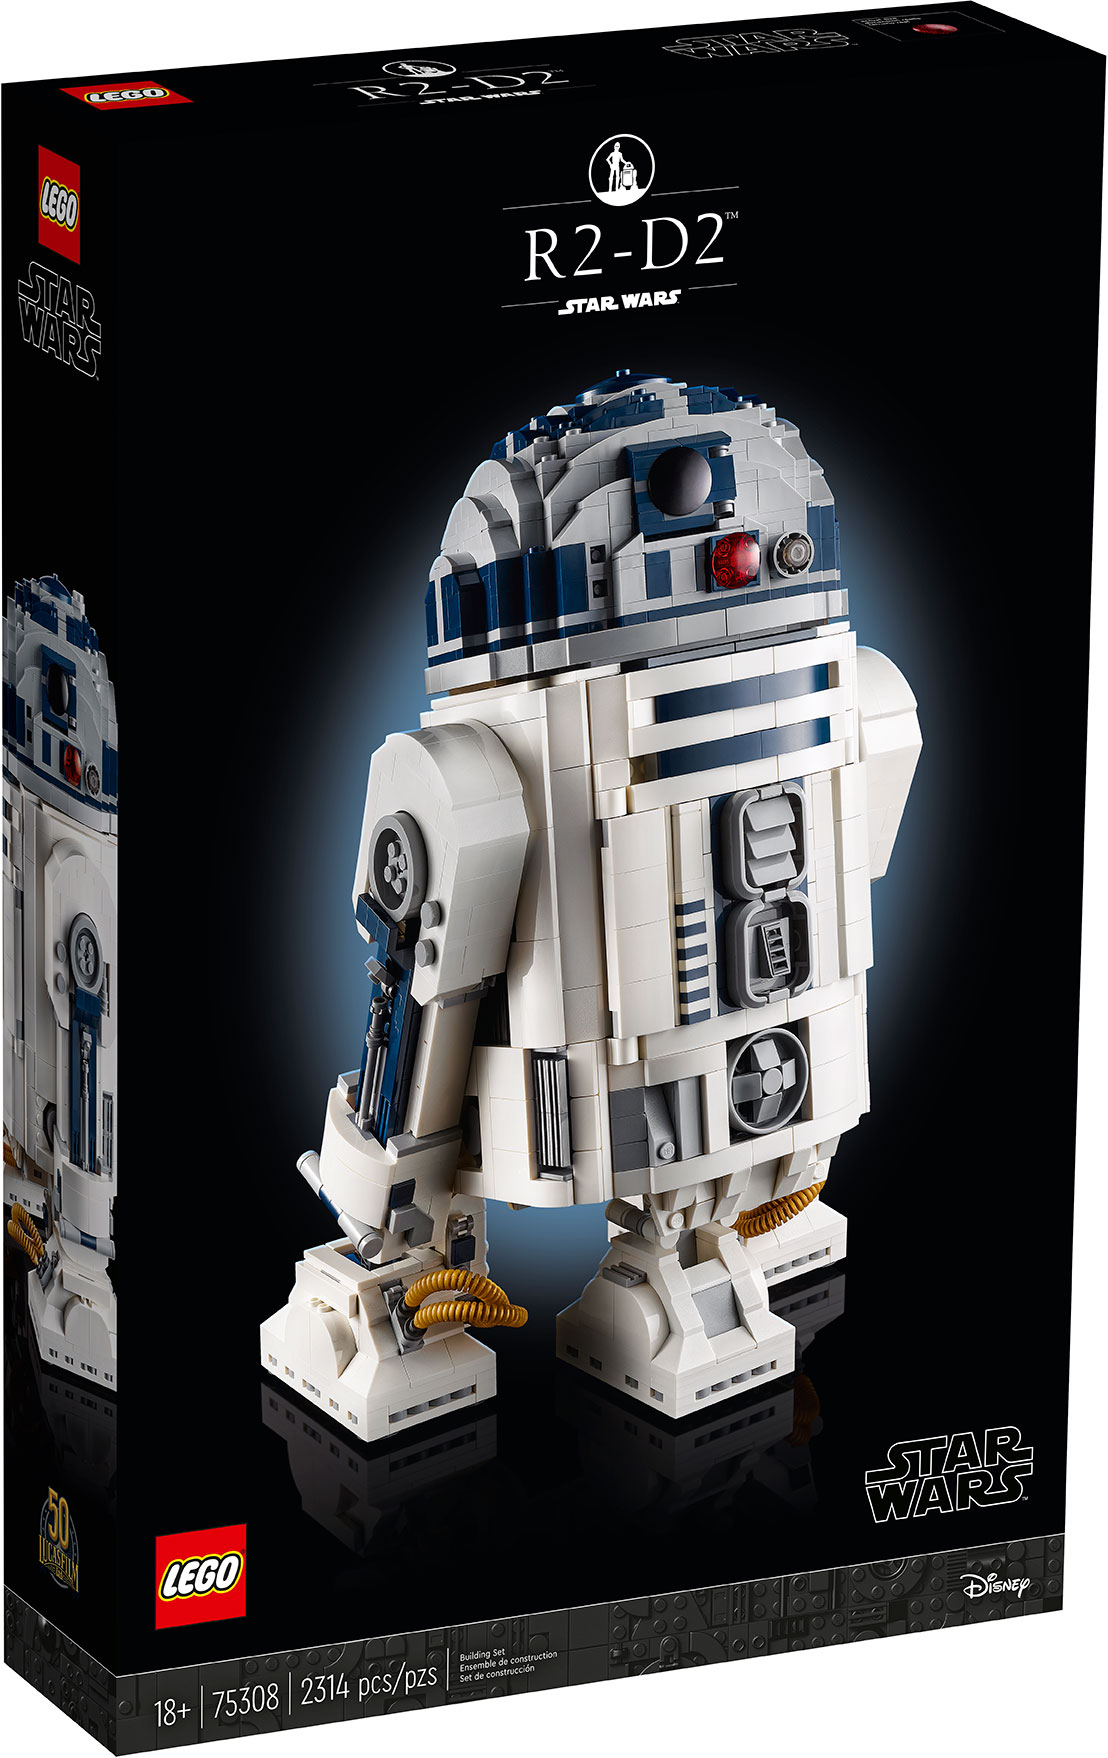 LEGO Star Wars R2-D2 (75308)